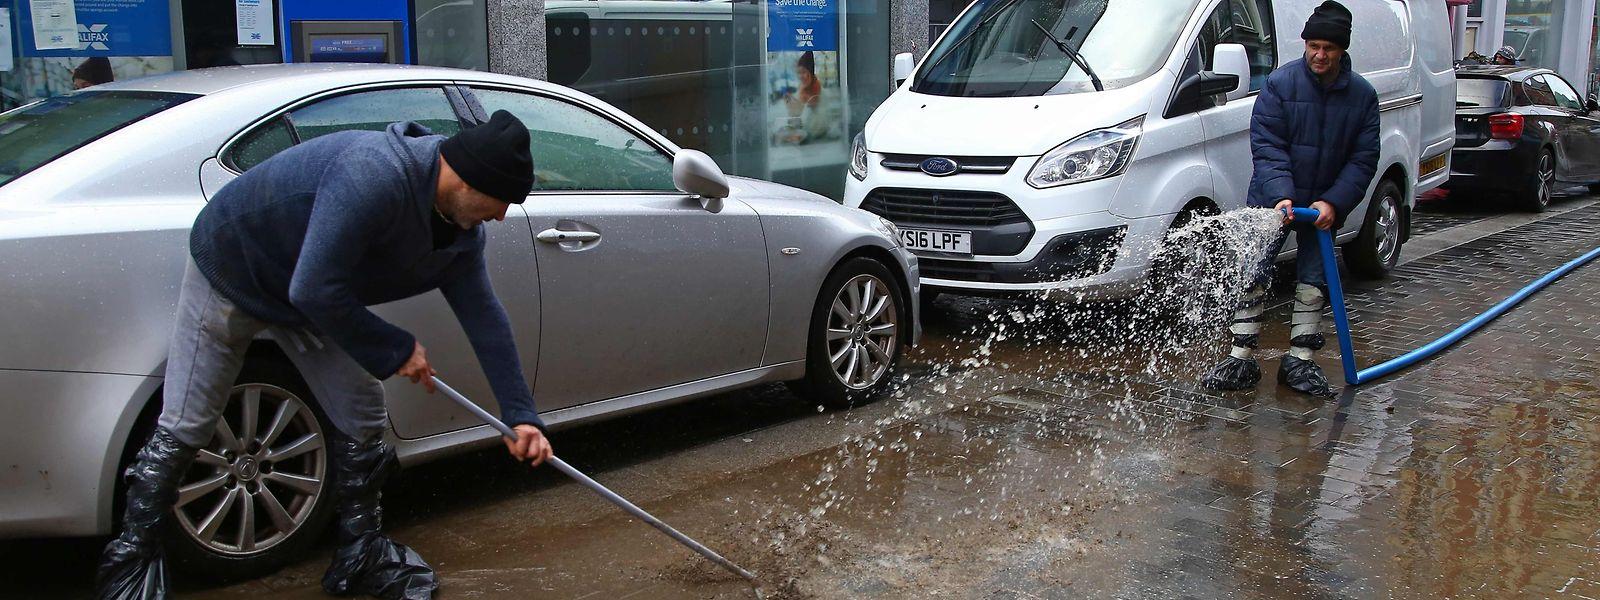 In Großbritannien - wie hier in Wales - gab es wegen der ausgiebigen Niederschläge zahlreiche Überschwemmungen.